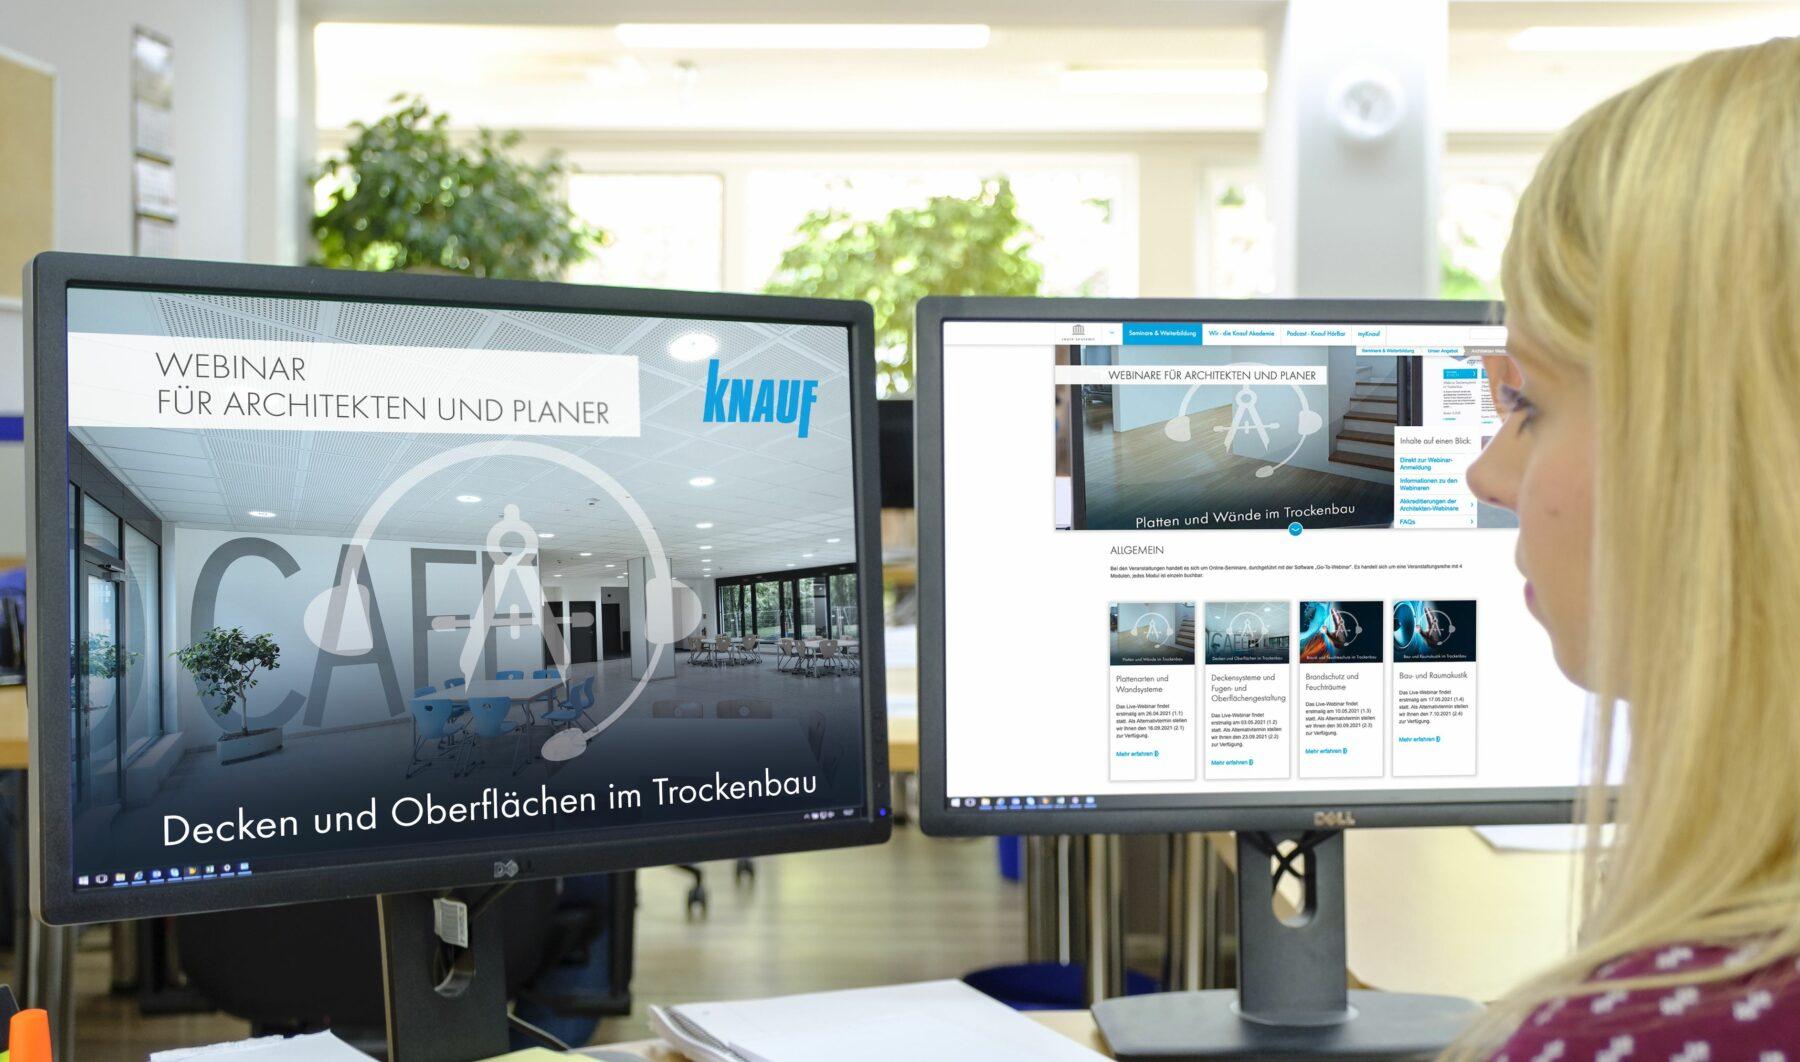 Knauf erweitert sein Webinar-Programm um gezielte Angebote für Architekten. Foto: Knauf/Stefan Ernst